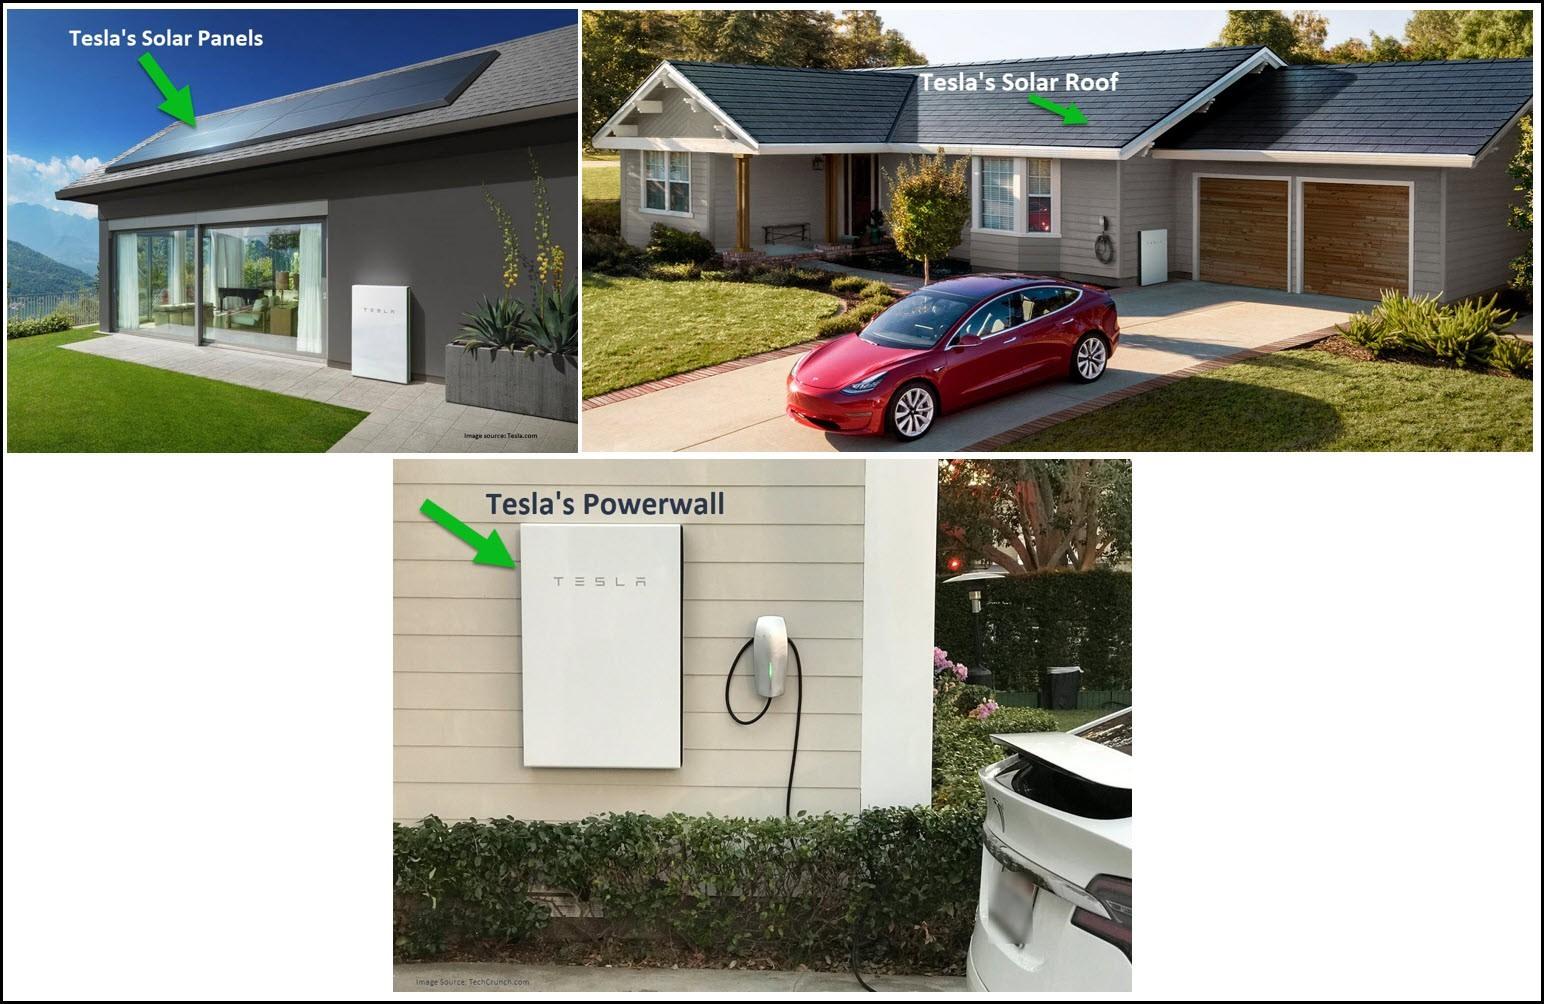 Tesla Solar Panels, Roof, Powerwall